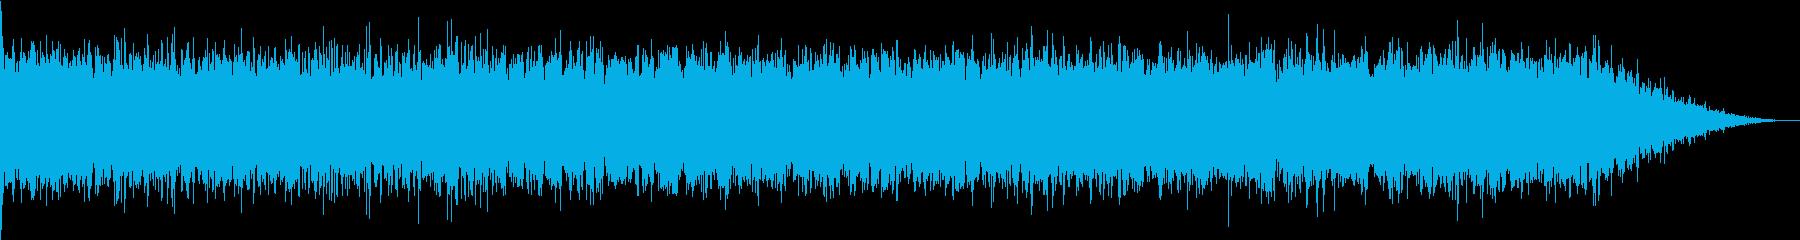 ピューン:ワープする音の再生済みの波形